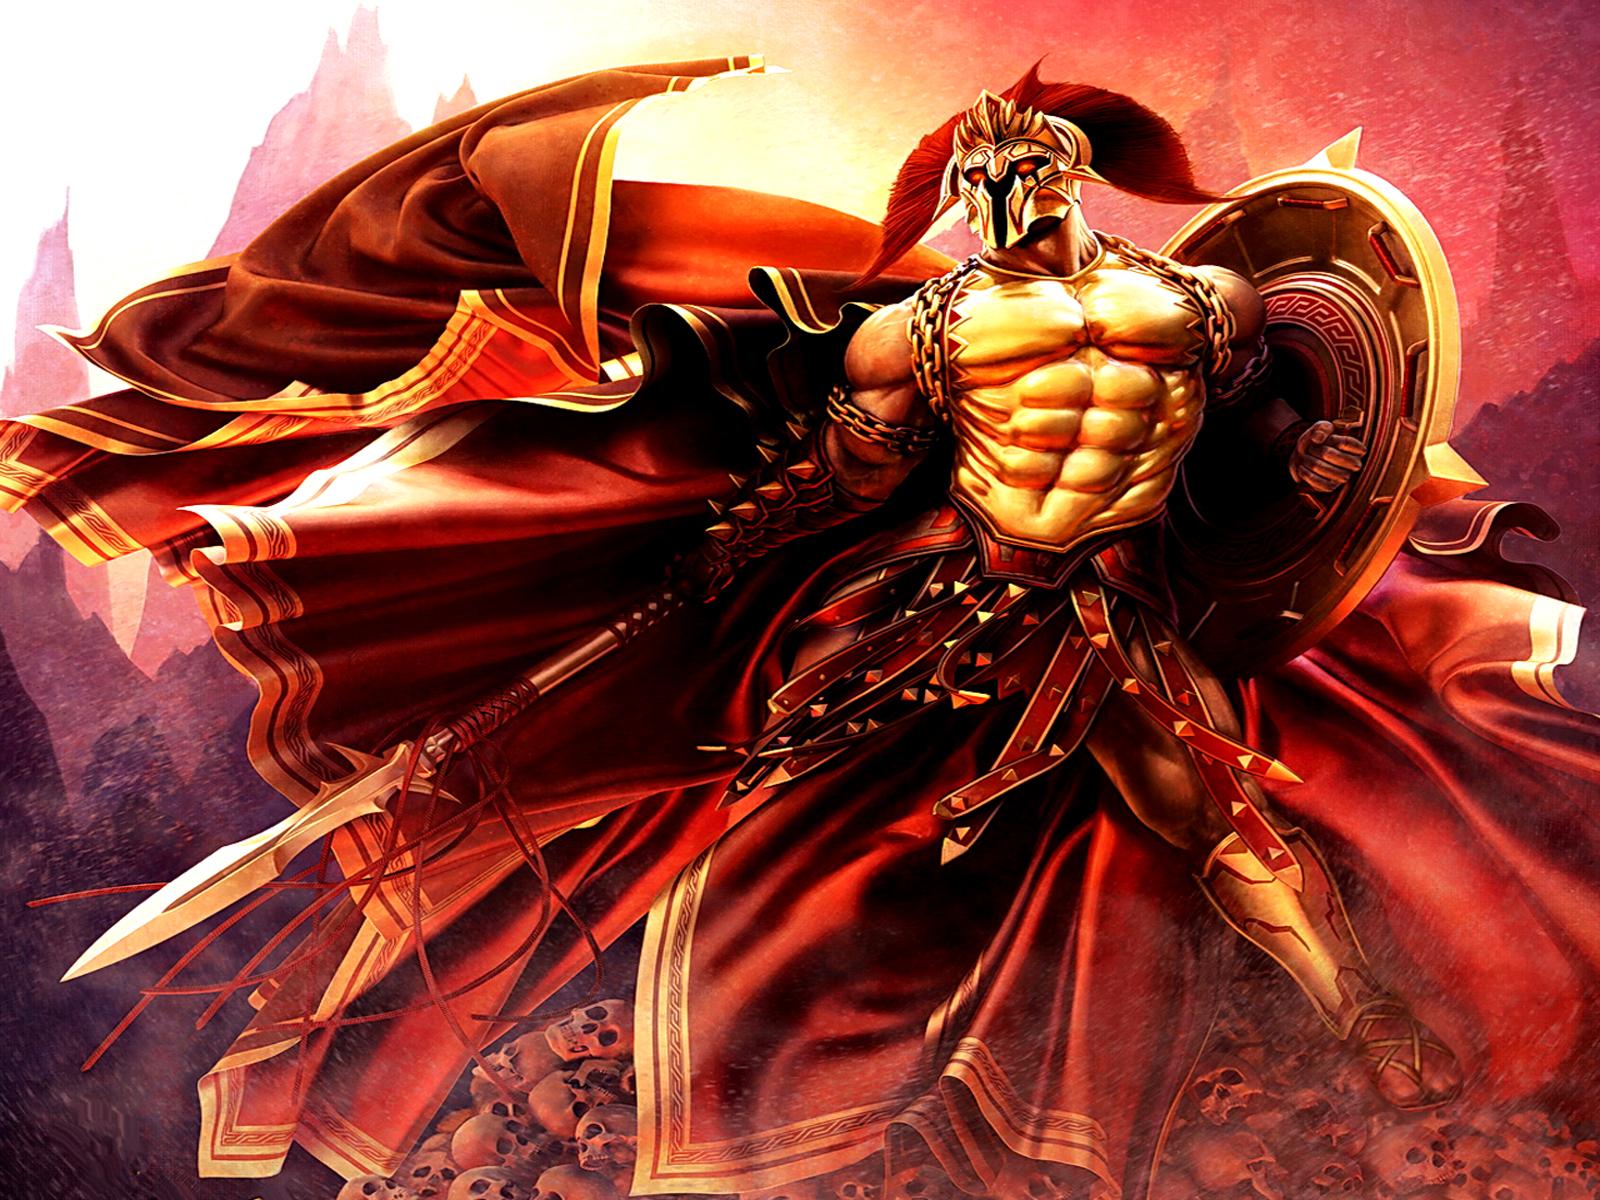 Fantaisie - Dieux  - Zeus - Ares Fond d'écran